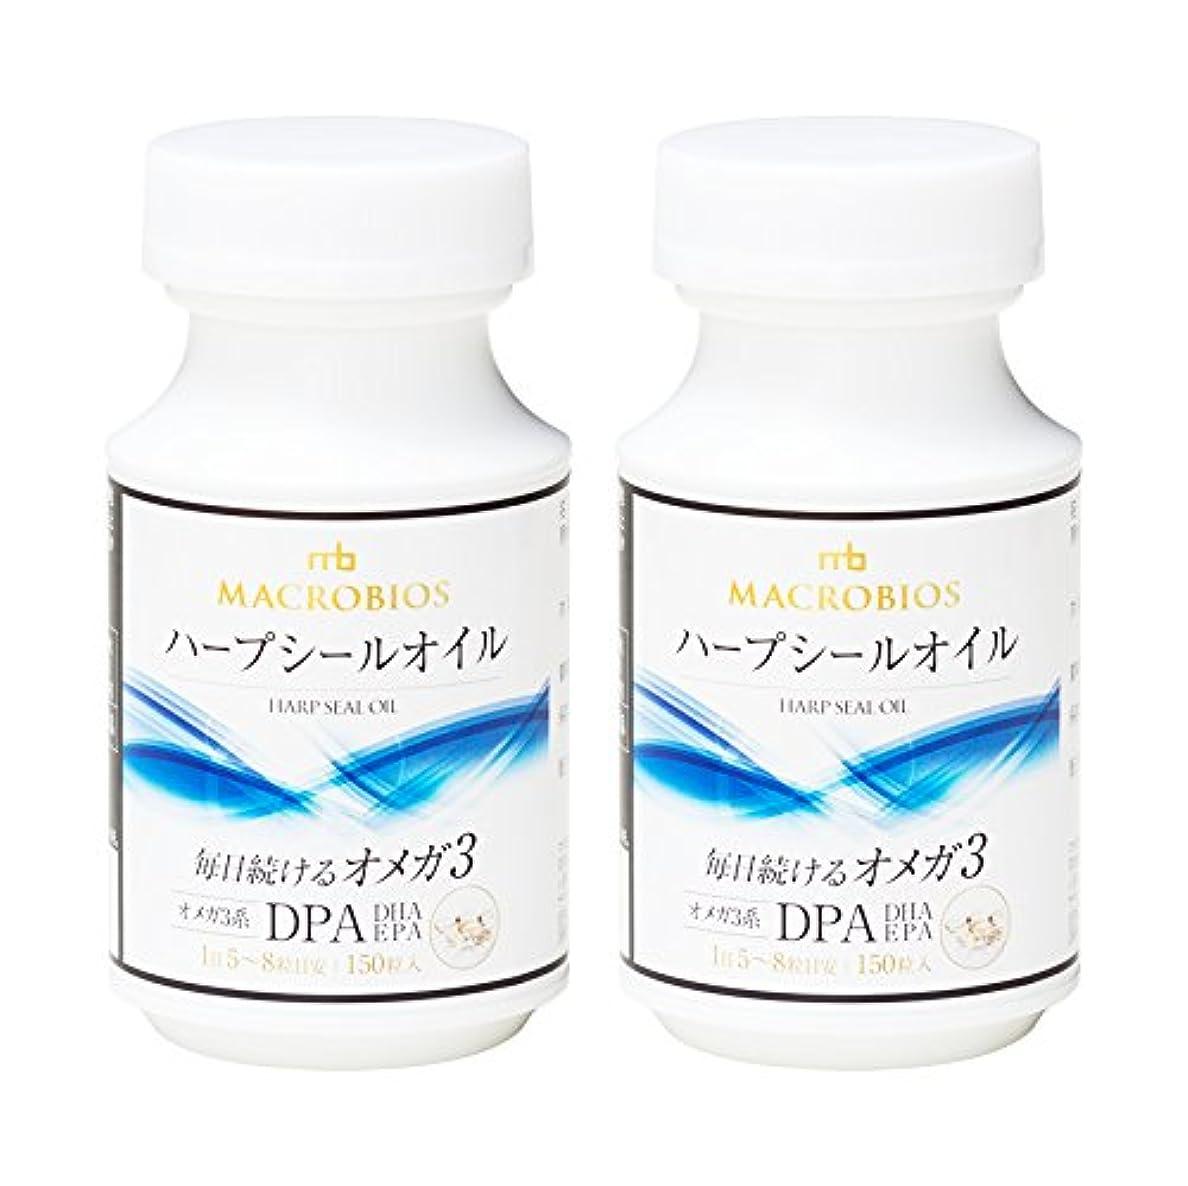 シチリア学習者うまくいけばハープシールオイル 150粒 (アザラシ油) DPA DHA EPA オメガ3 サプリメント (2個セット)